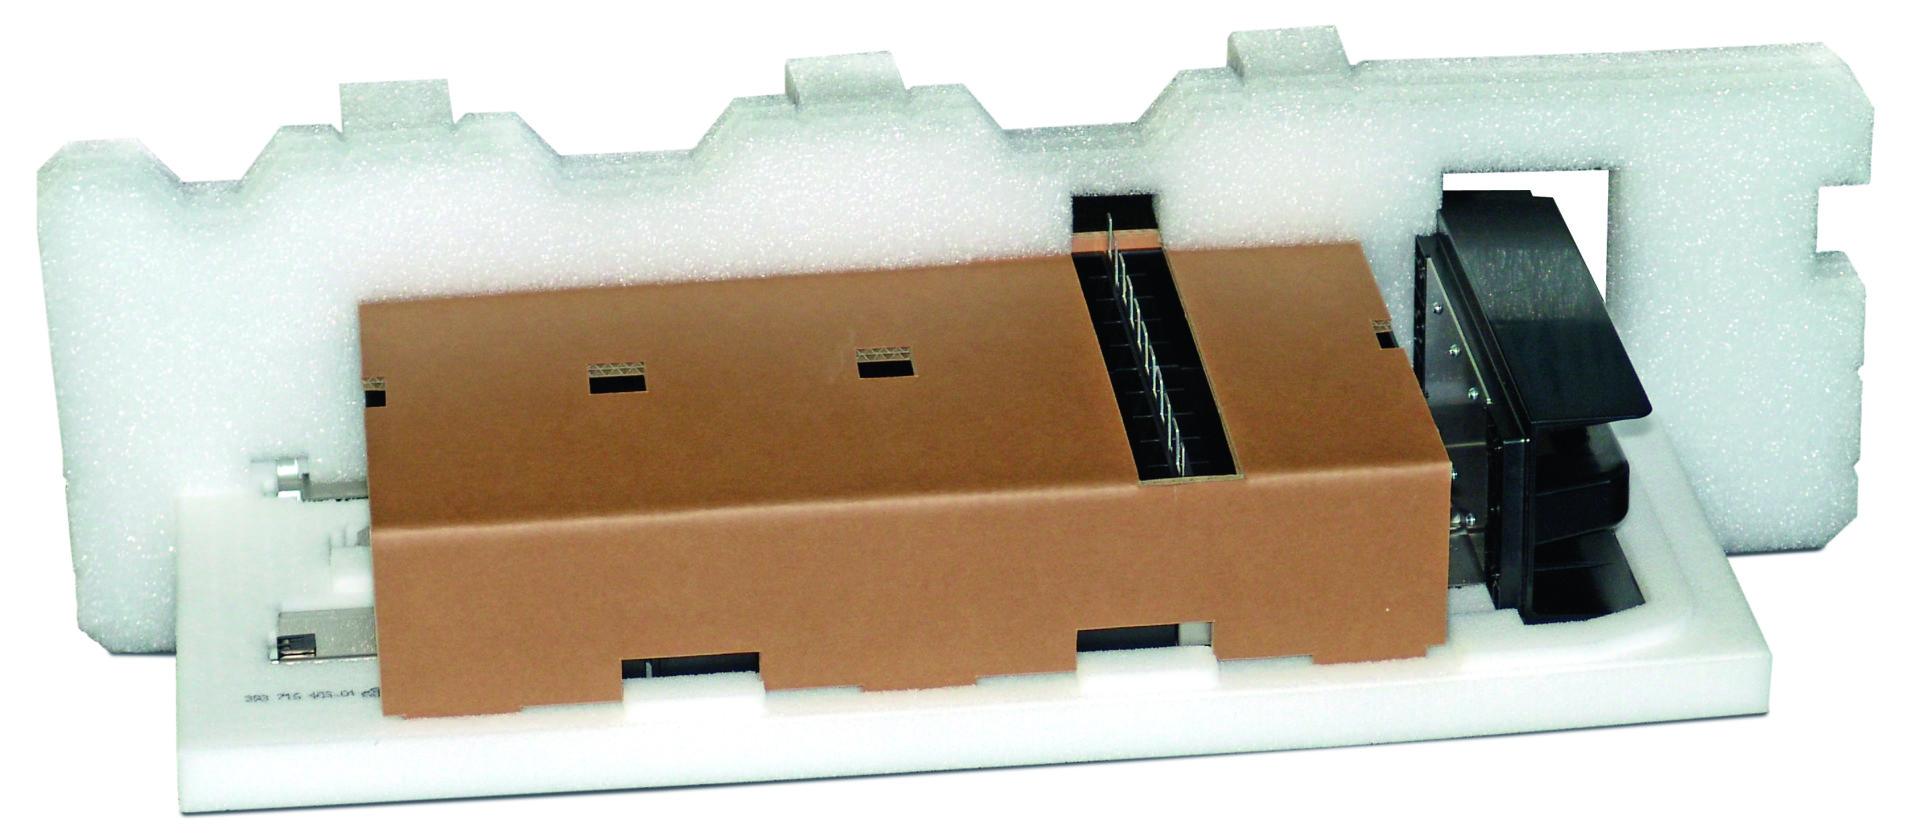 Konstruktive Verpackungslösung aus PE Schaum und Wellpappe